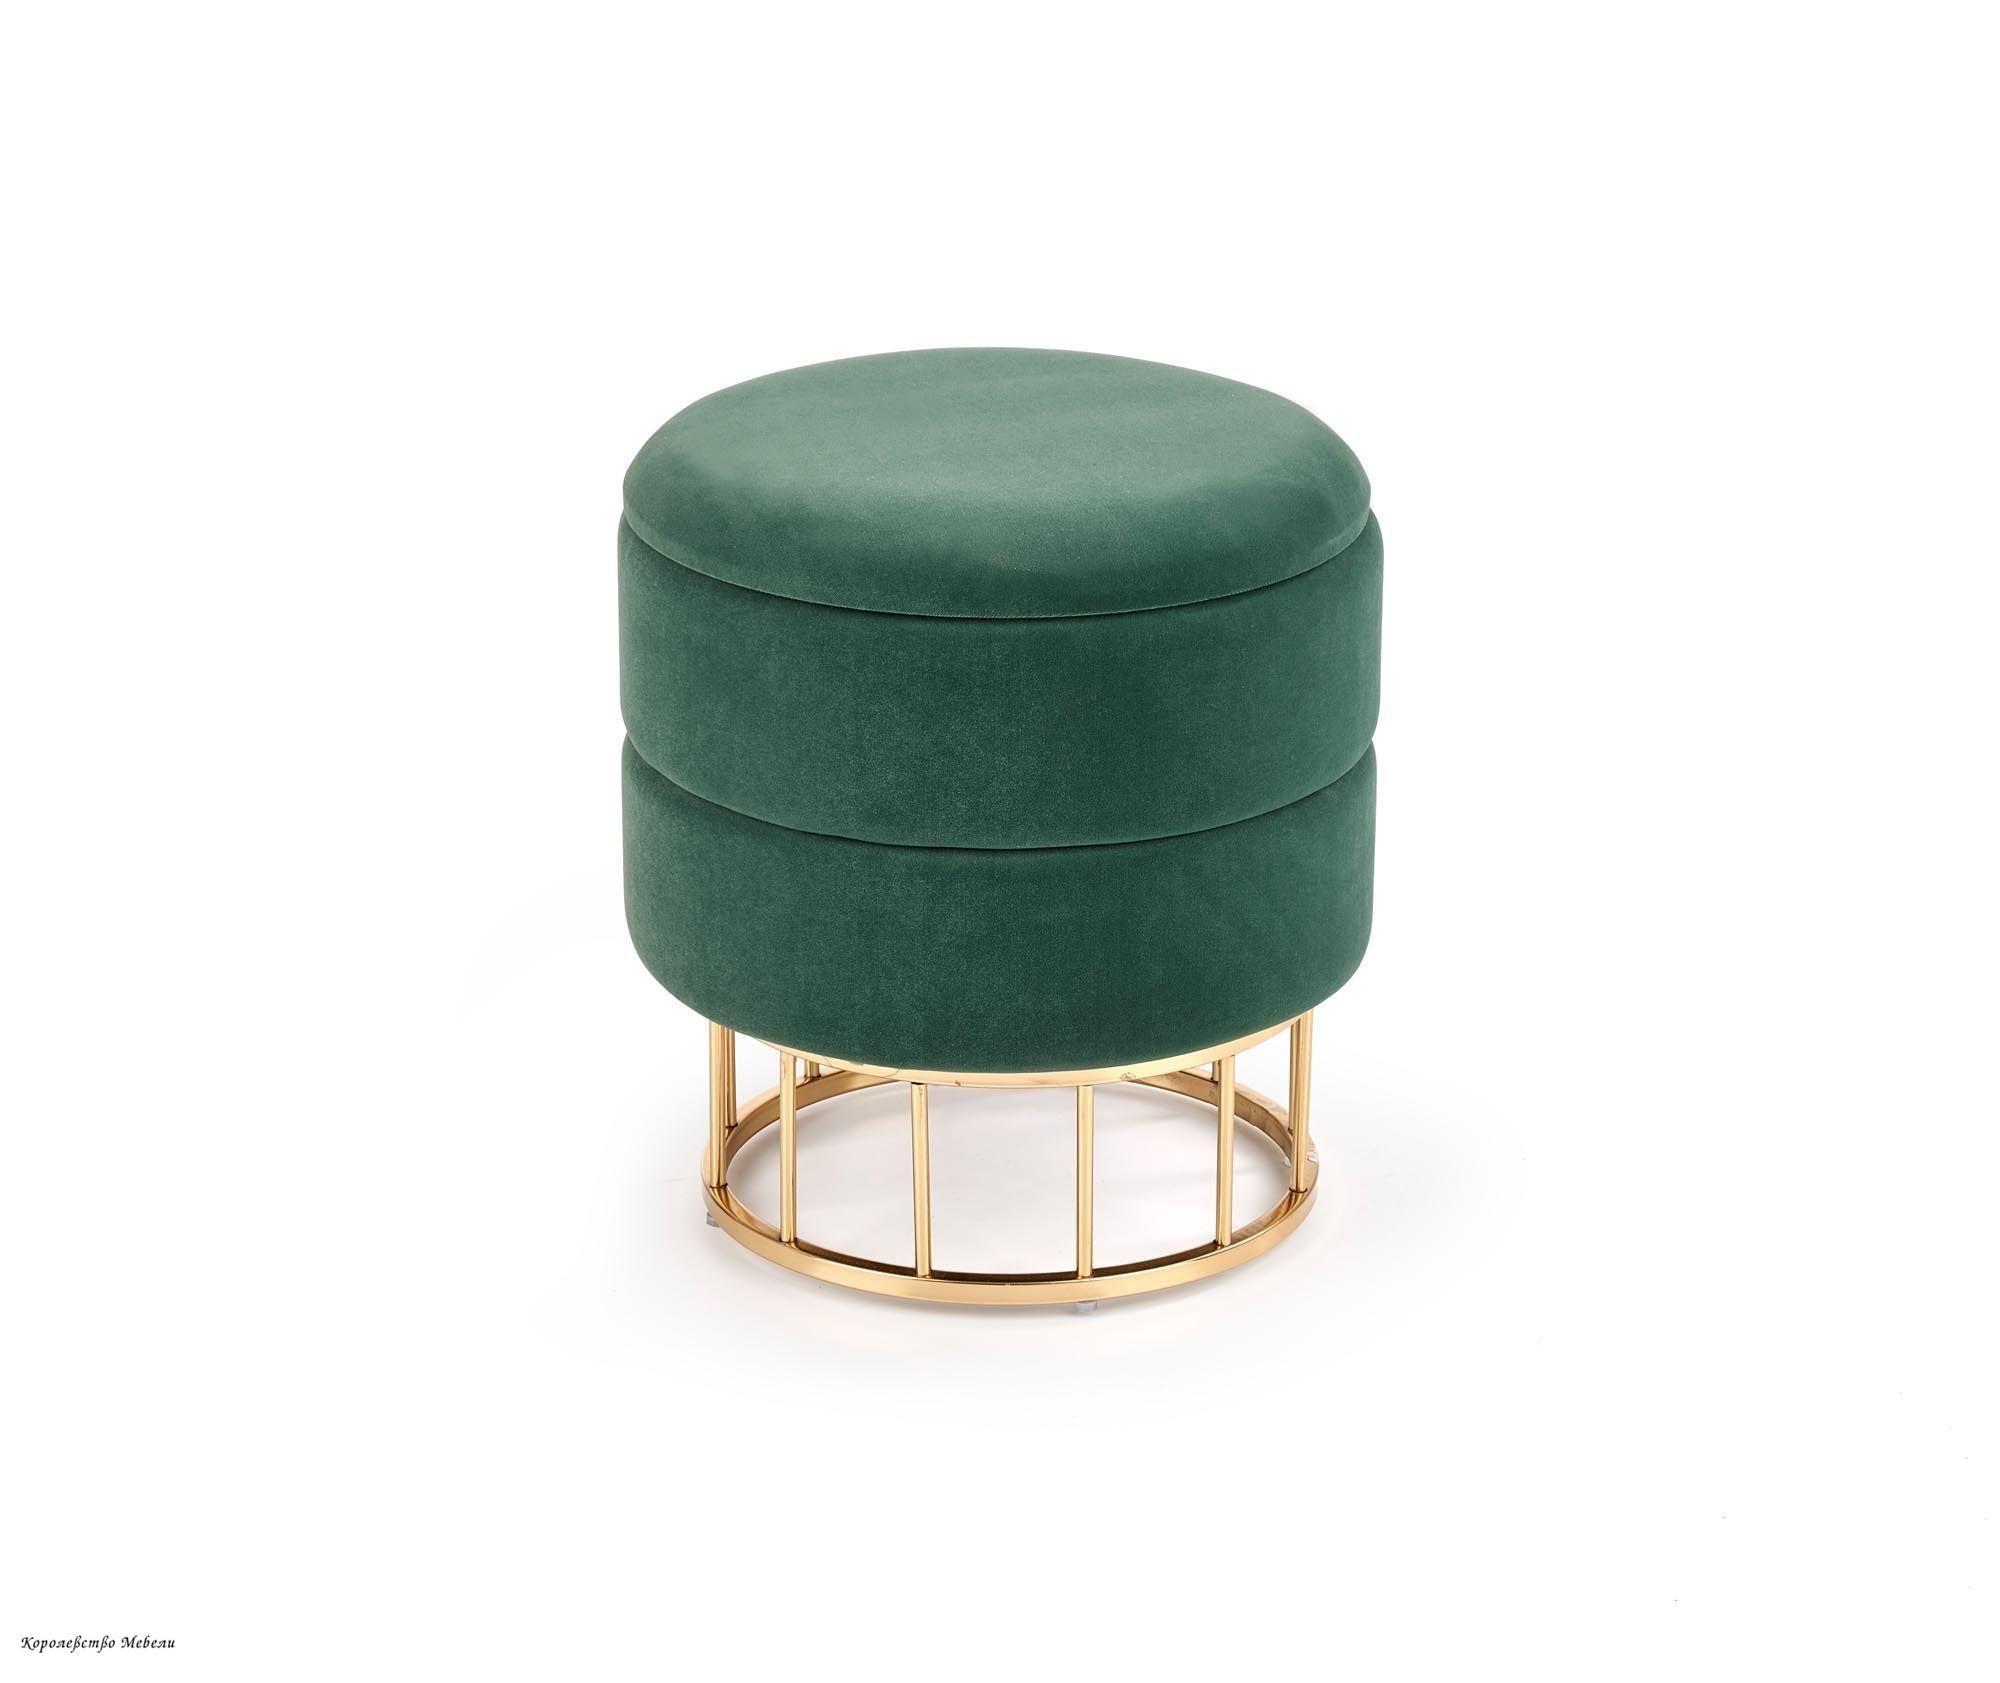 Пуф MINTY (т.зеленый/ золотой) с откидной крышкой